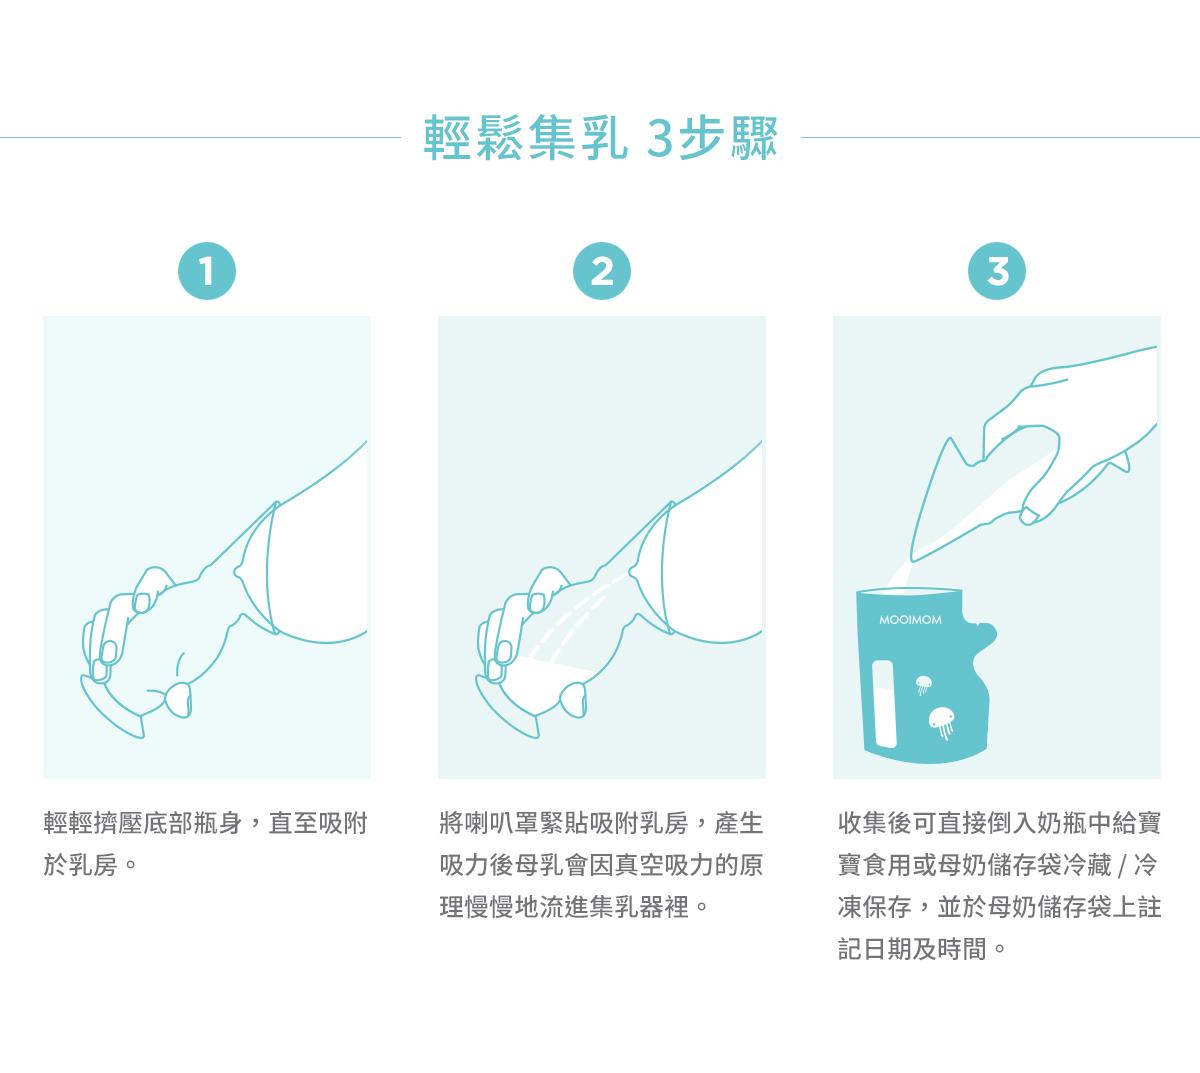 哺乳, 集乳器, 哺乳期, 真空吸力集乳器, 集乳, 輕鬆集乳3步驟, 輕輕擠壓底部瓶身, 直至吸附於乳房, 將喇叭罩緊貼吸附乳房, 產生吸力後母乳會因真空吸力的原理慢慢地流進集乳器裡, 收集後可直接倒入奶瓶中給寶寶食用或母奶儲存袋冷藏/冷凍保存, 並於母奶儲存袋上註記日期及時間